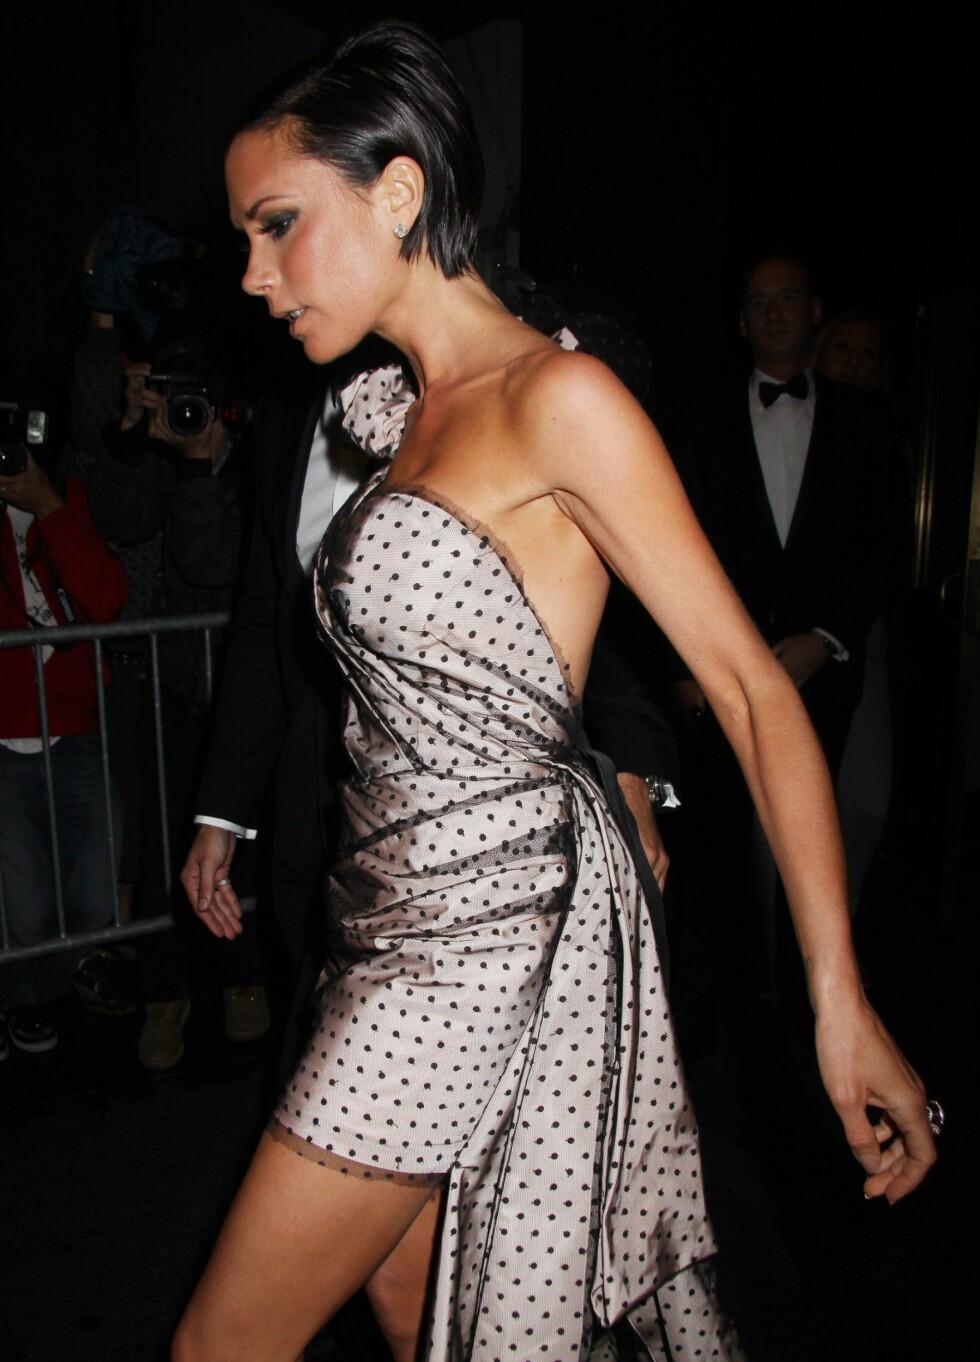 Victoria Beckham i prikkete kjole som både vil være kostymedrama og minikjole på en gang. Foto: All Over Press